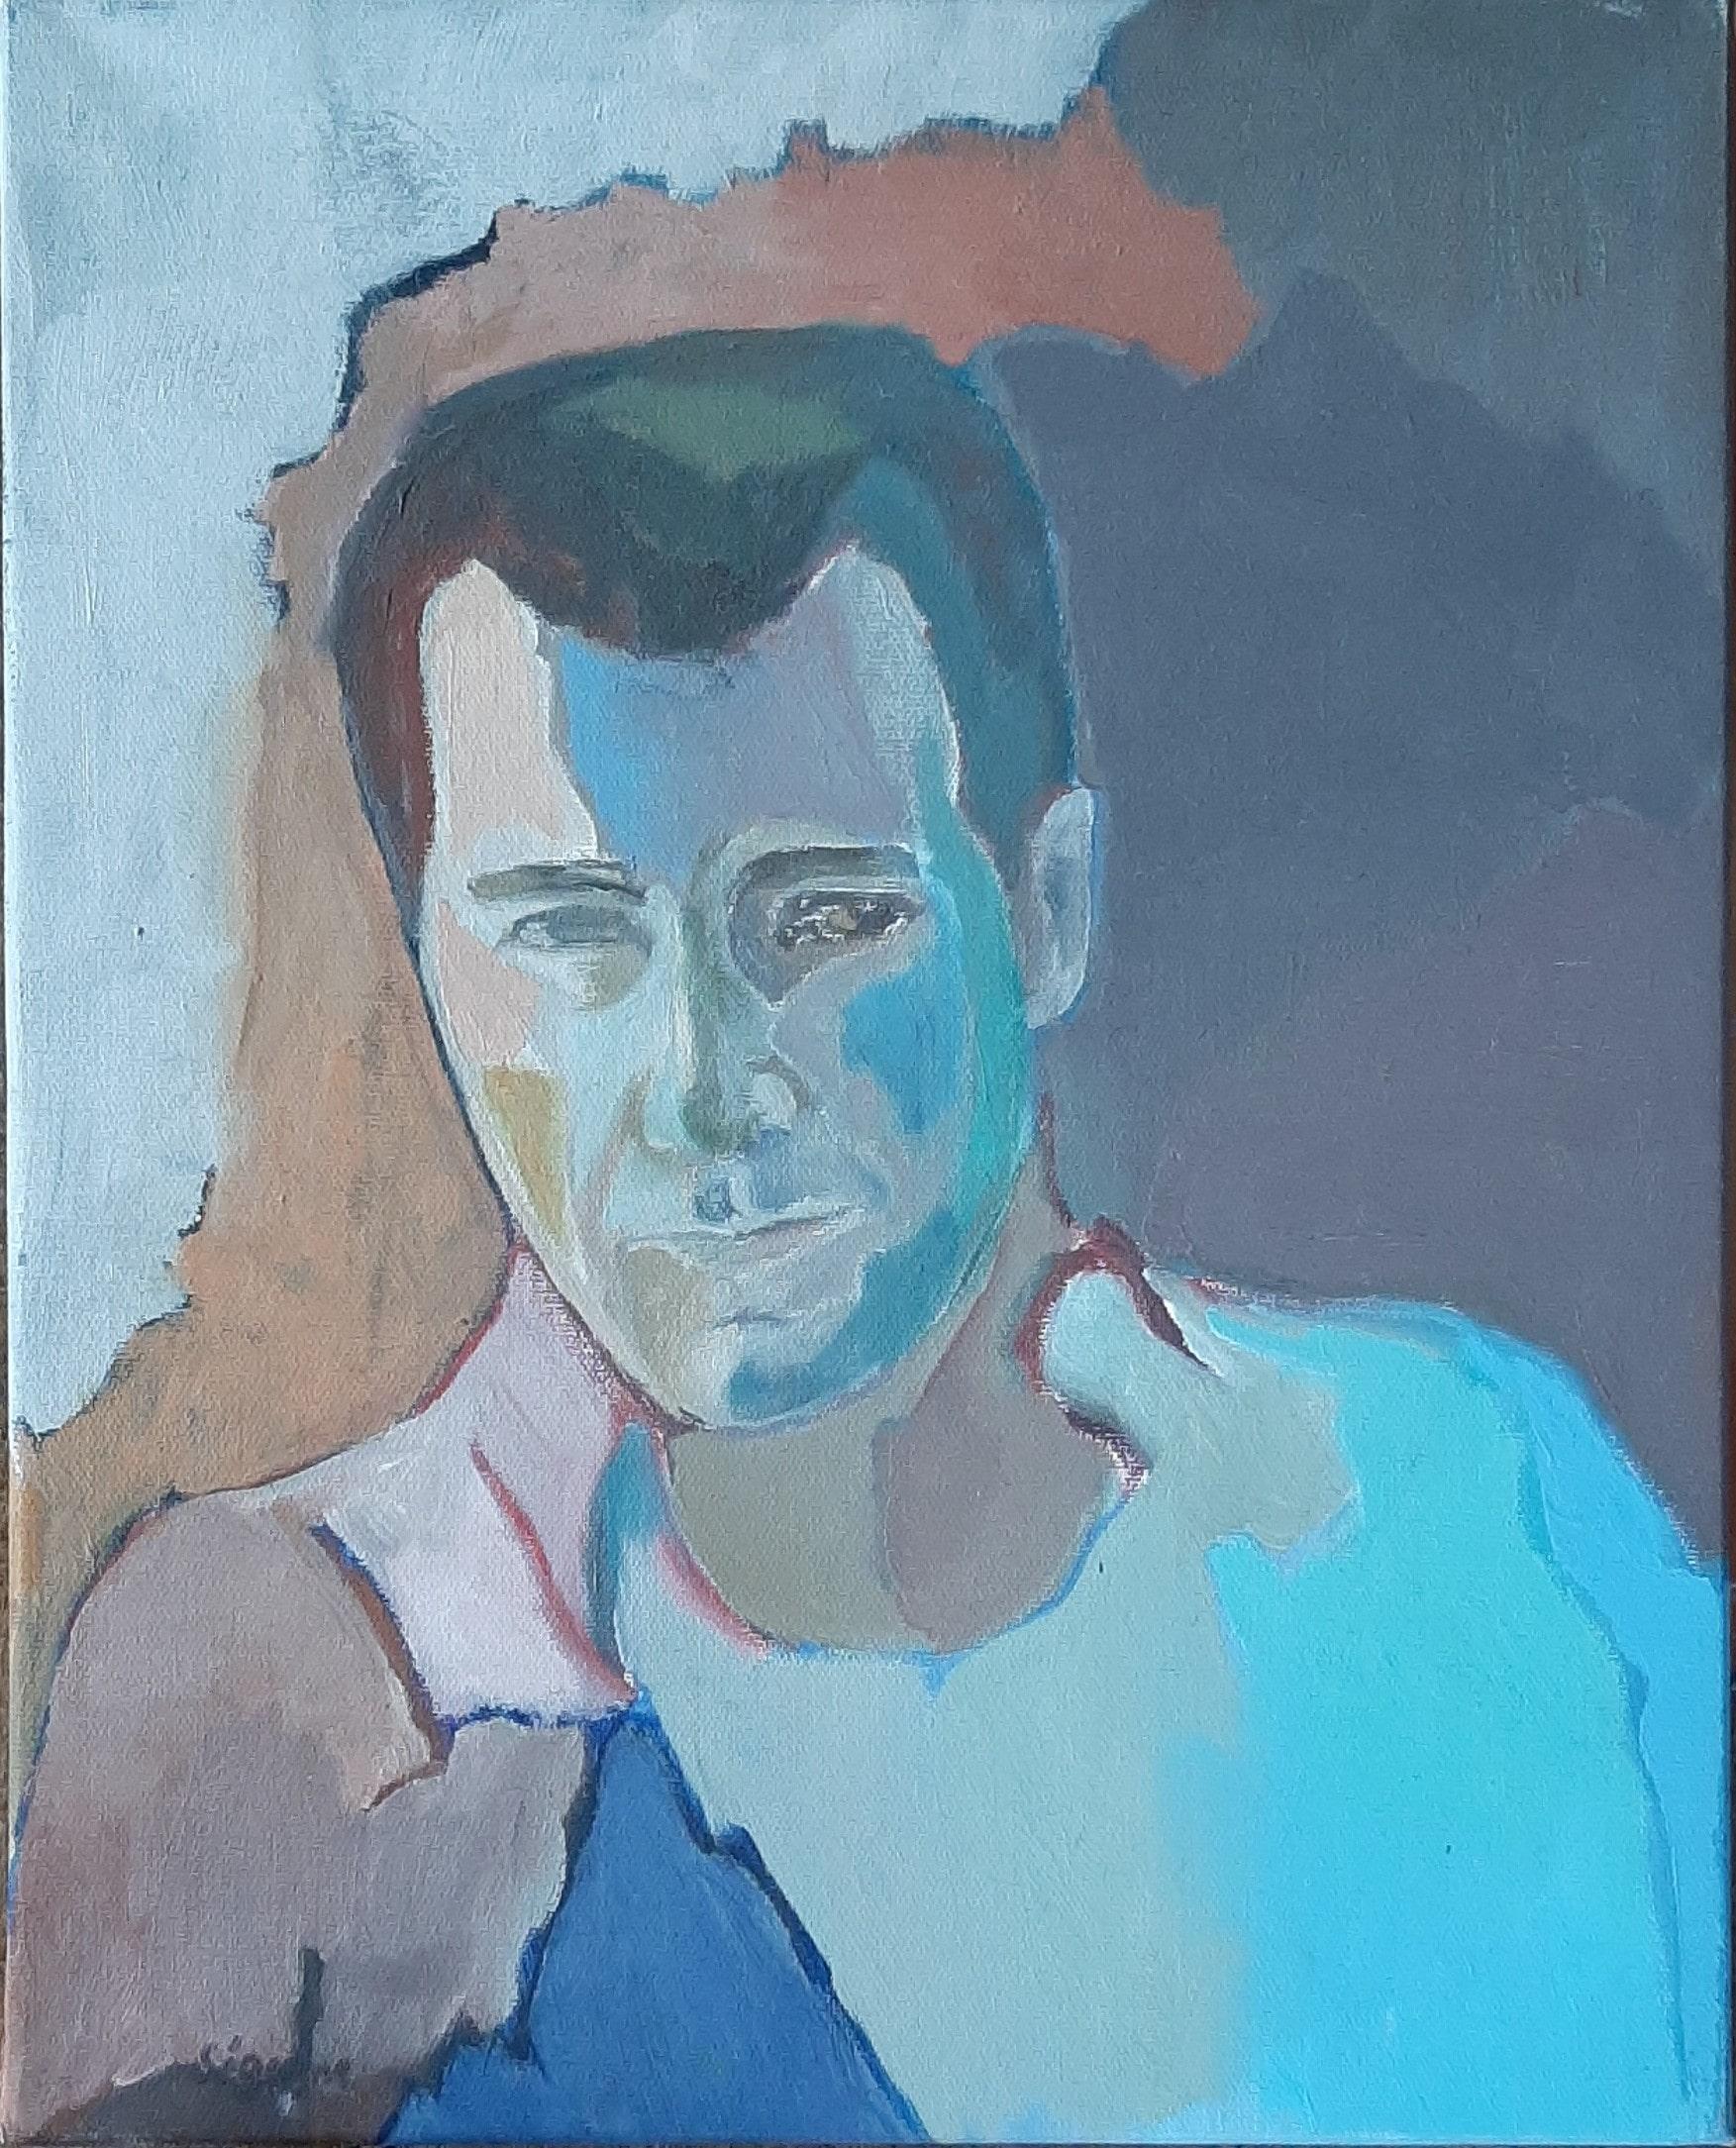 Hôtes et artistes en poitou - Portrait de Clive Owen